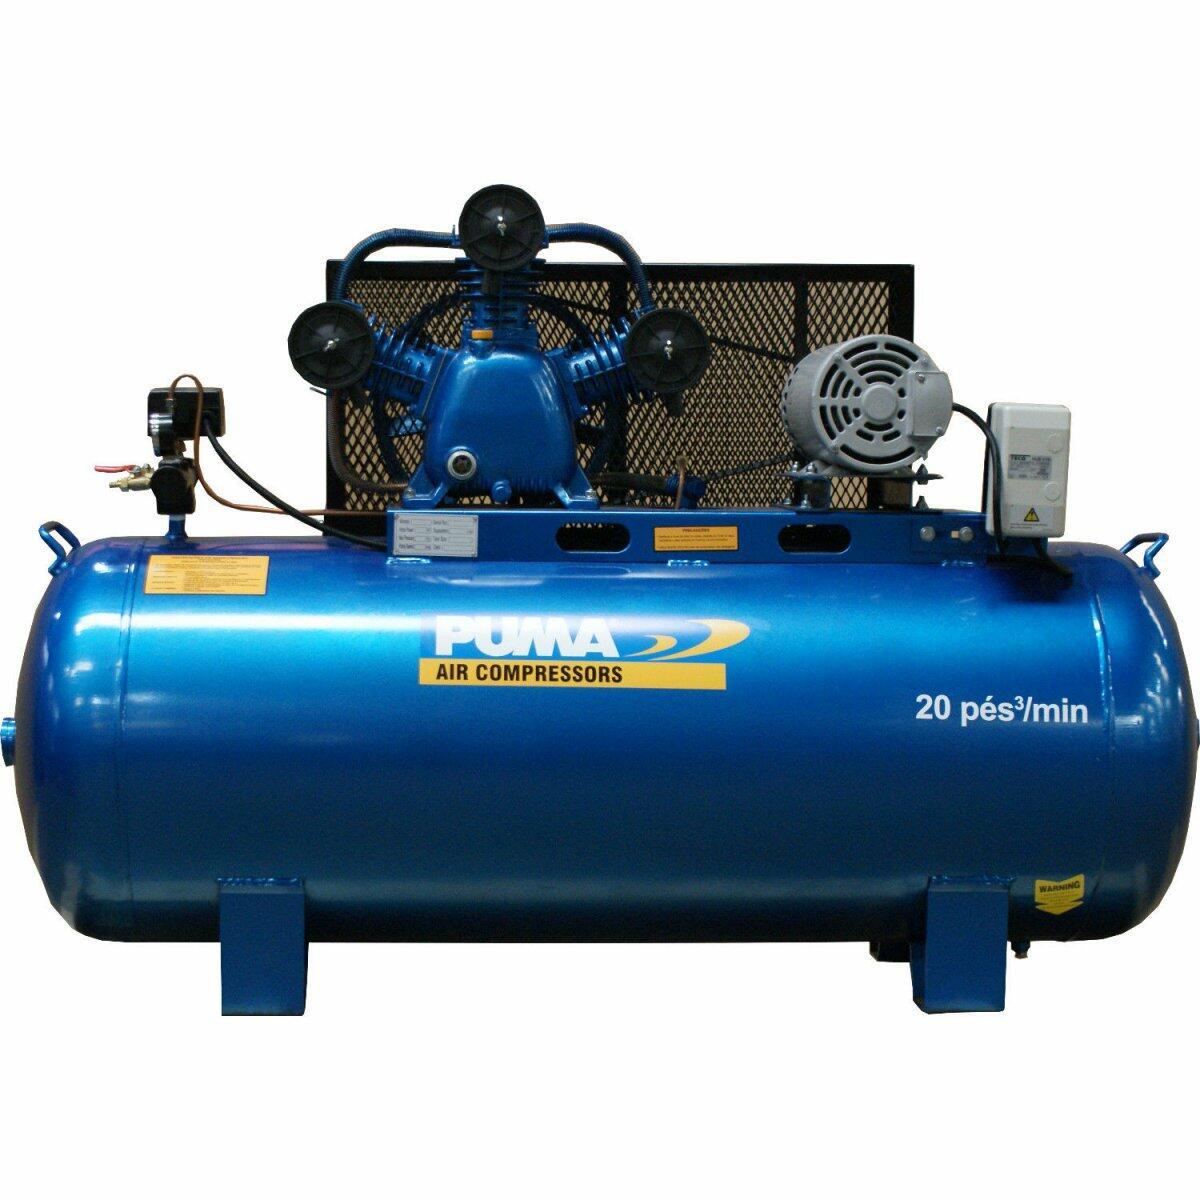 Compressor De Ar 20Pés Horizontal 200L PBA40200HM Puma - 220V